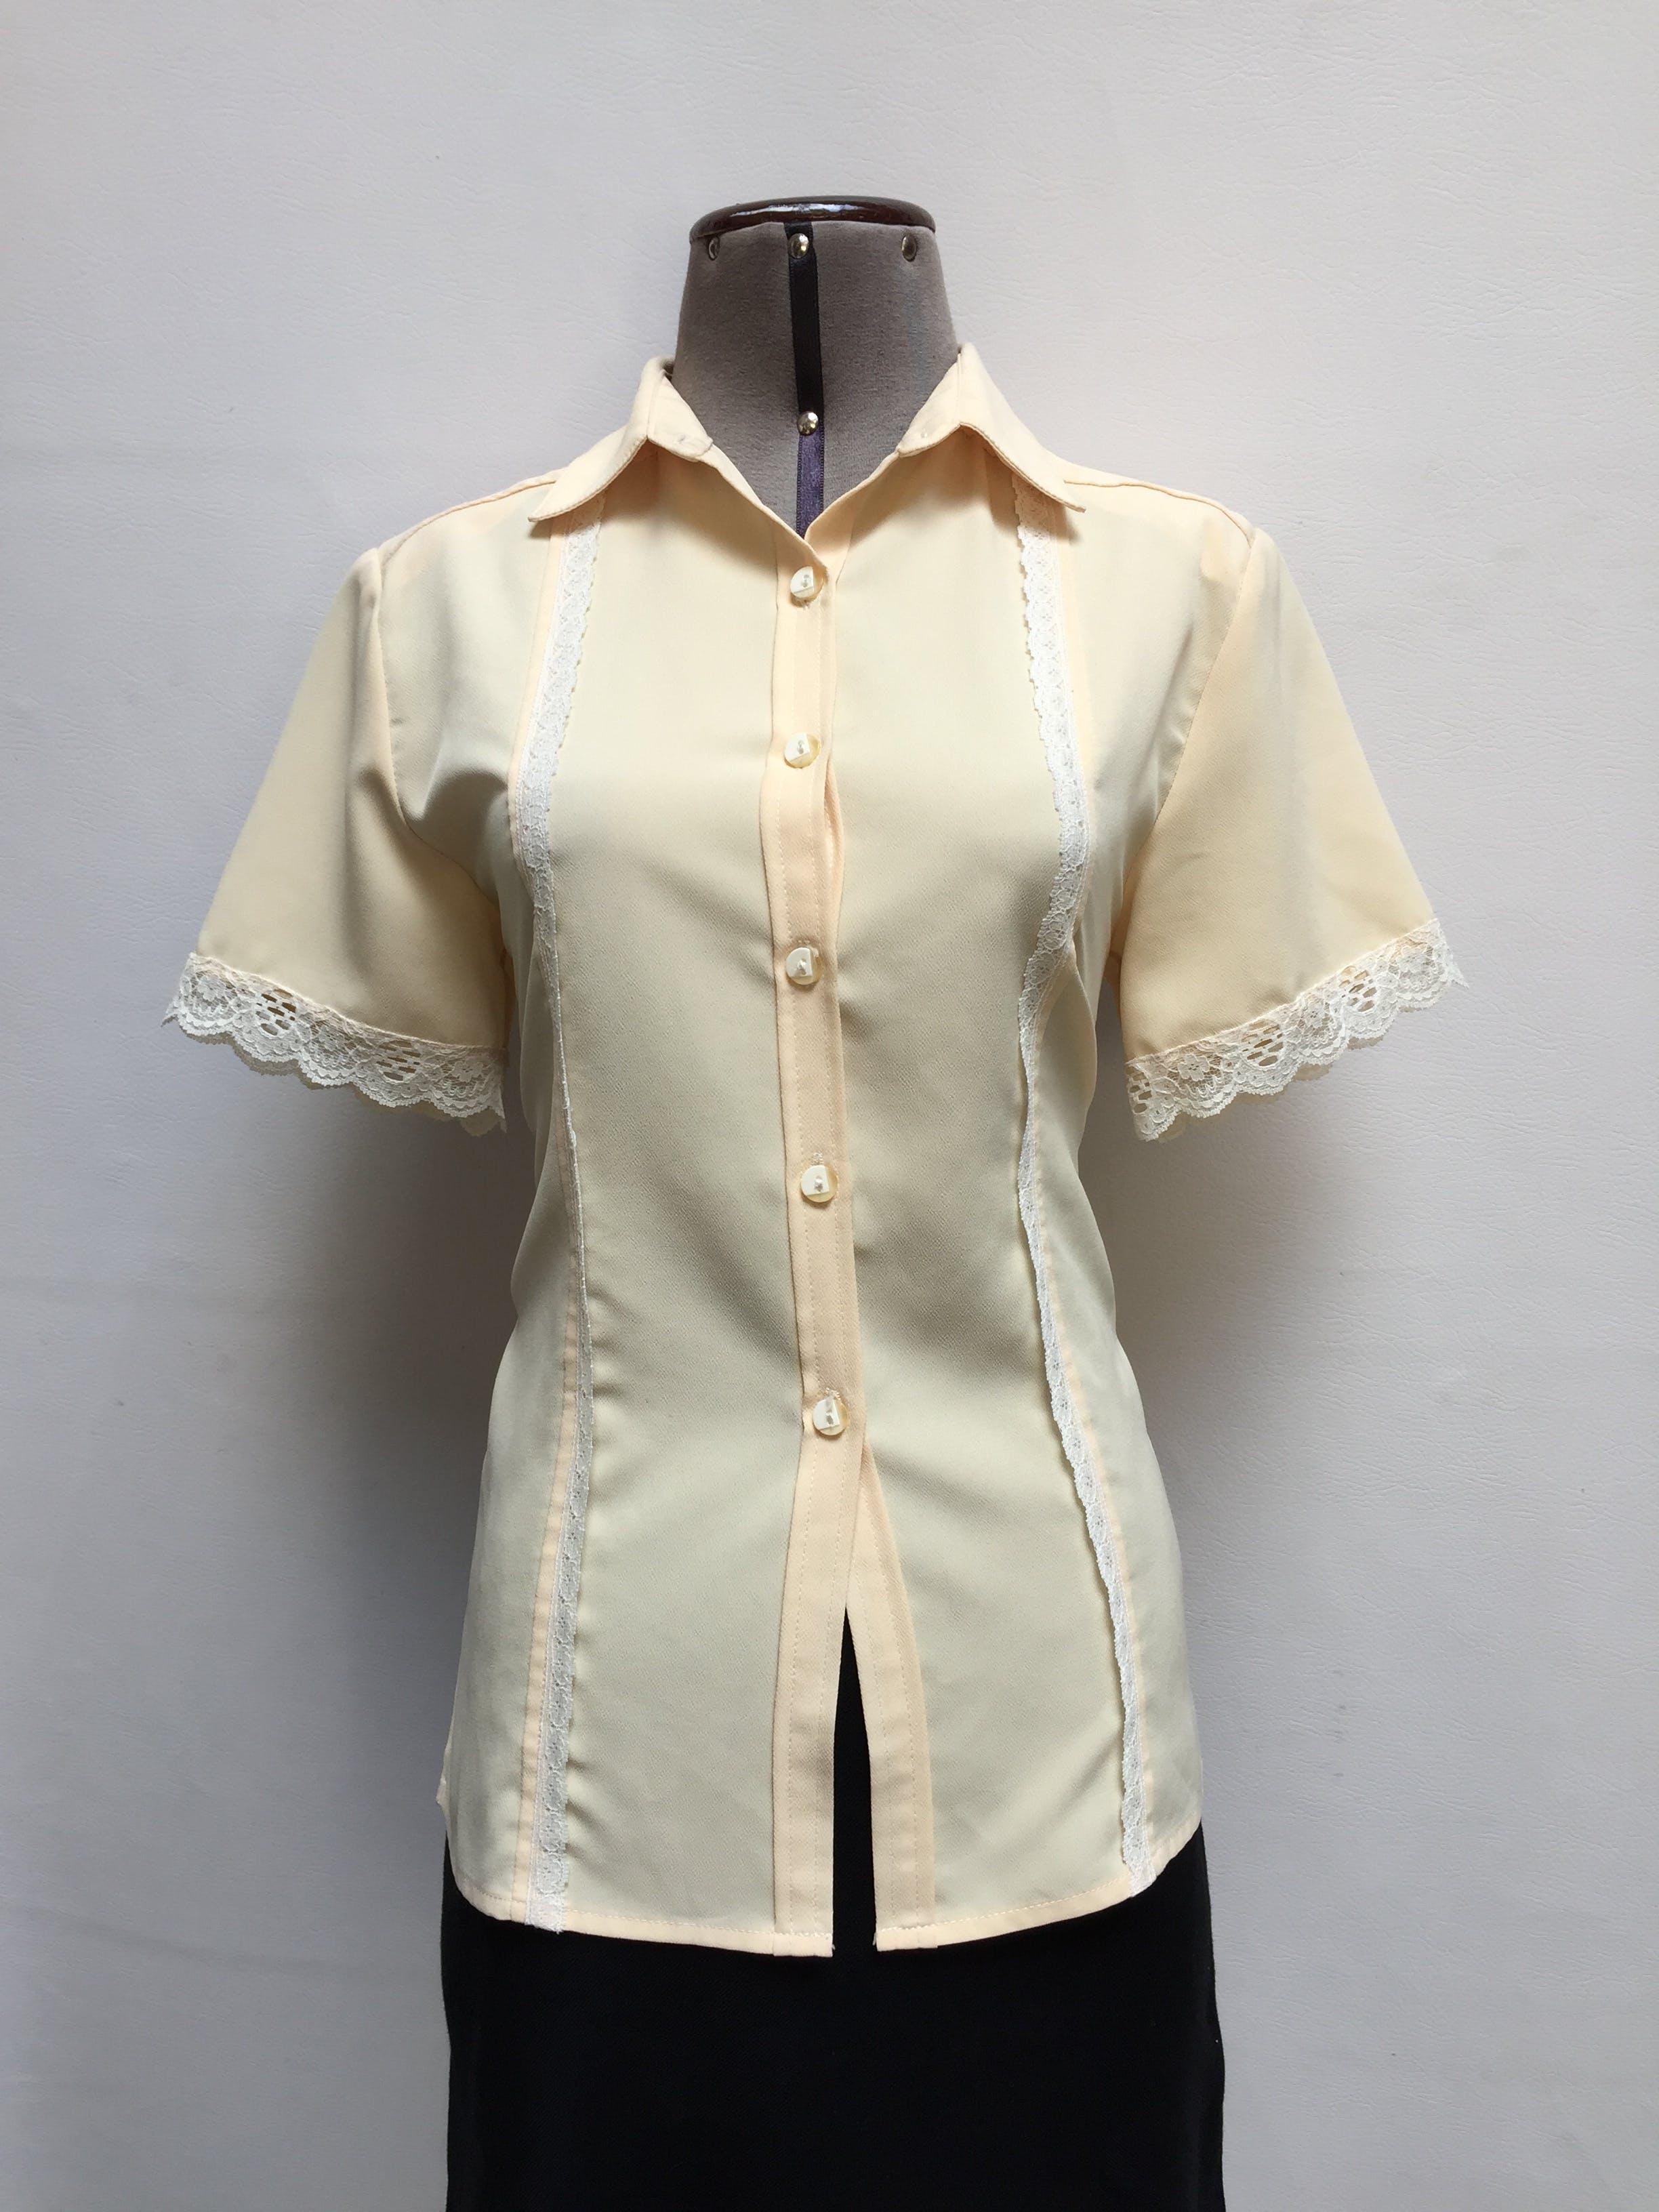 Blusa vintage amarillo pálido, con blondas en pecho y mangas, camisera abotonada Talla M